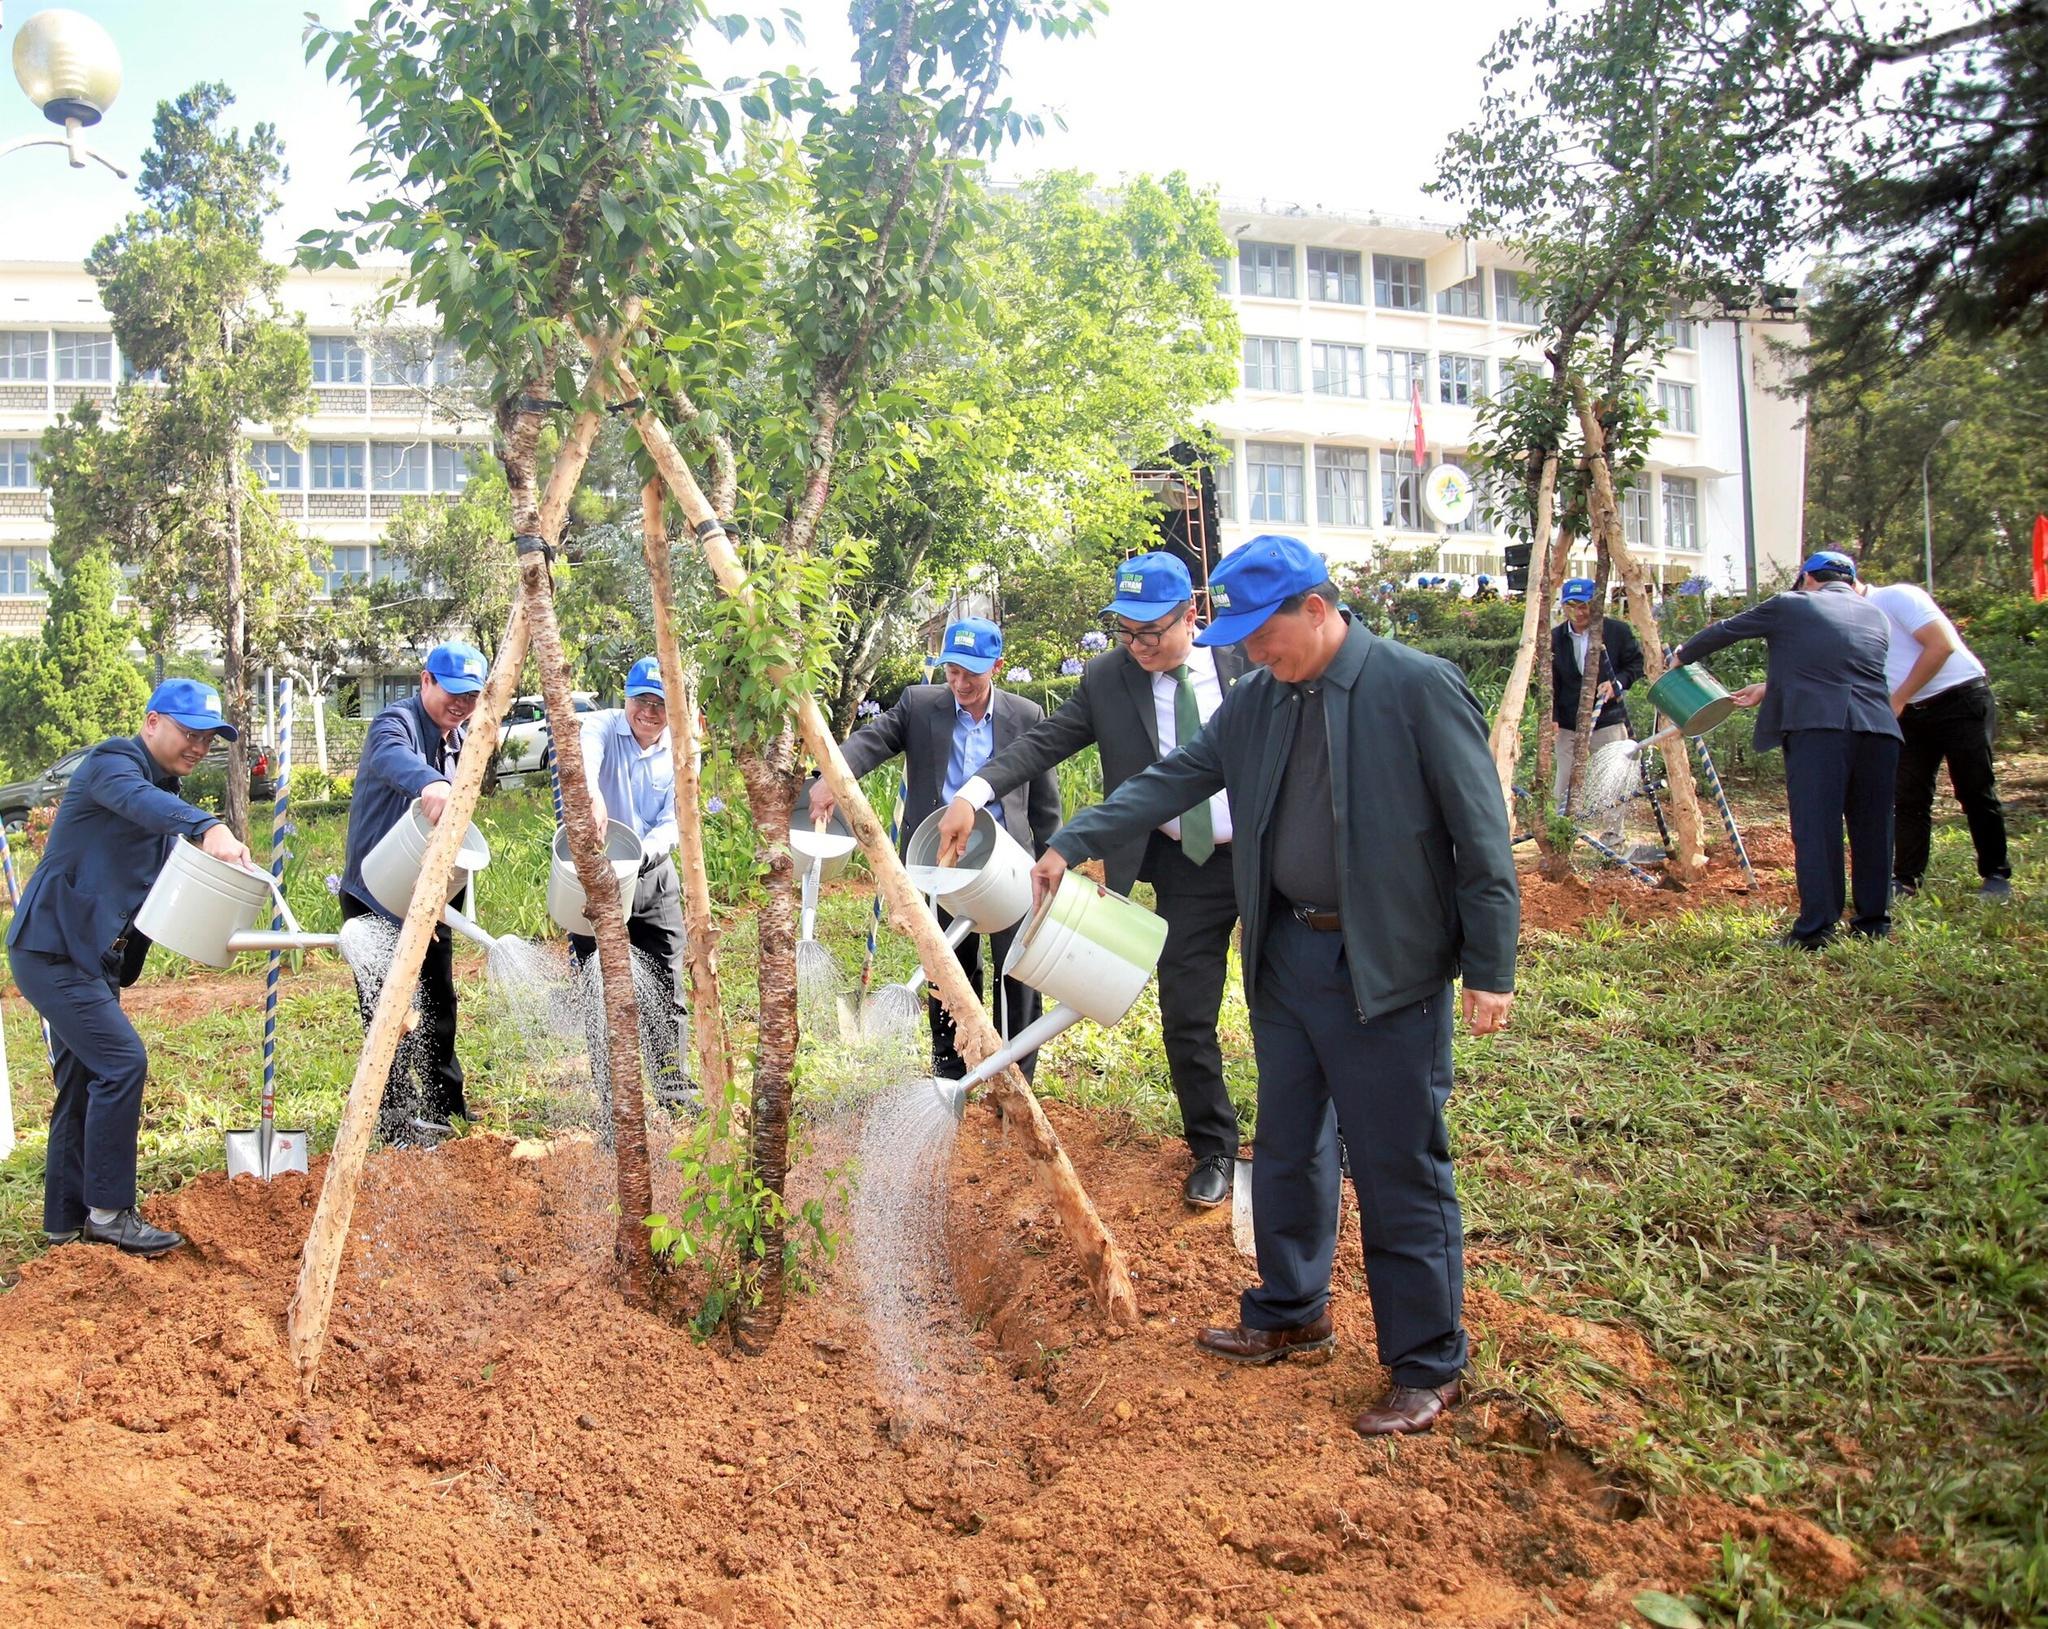 Doanh nghiệp chung tay trồng rừng - ảnh 1